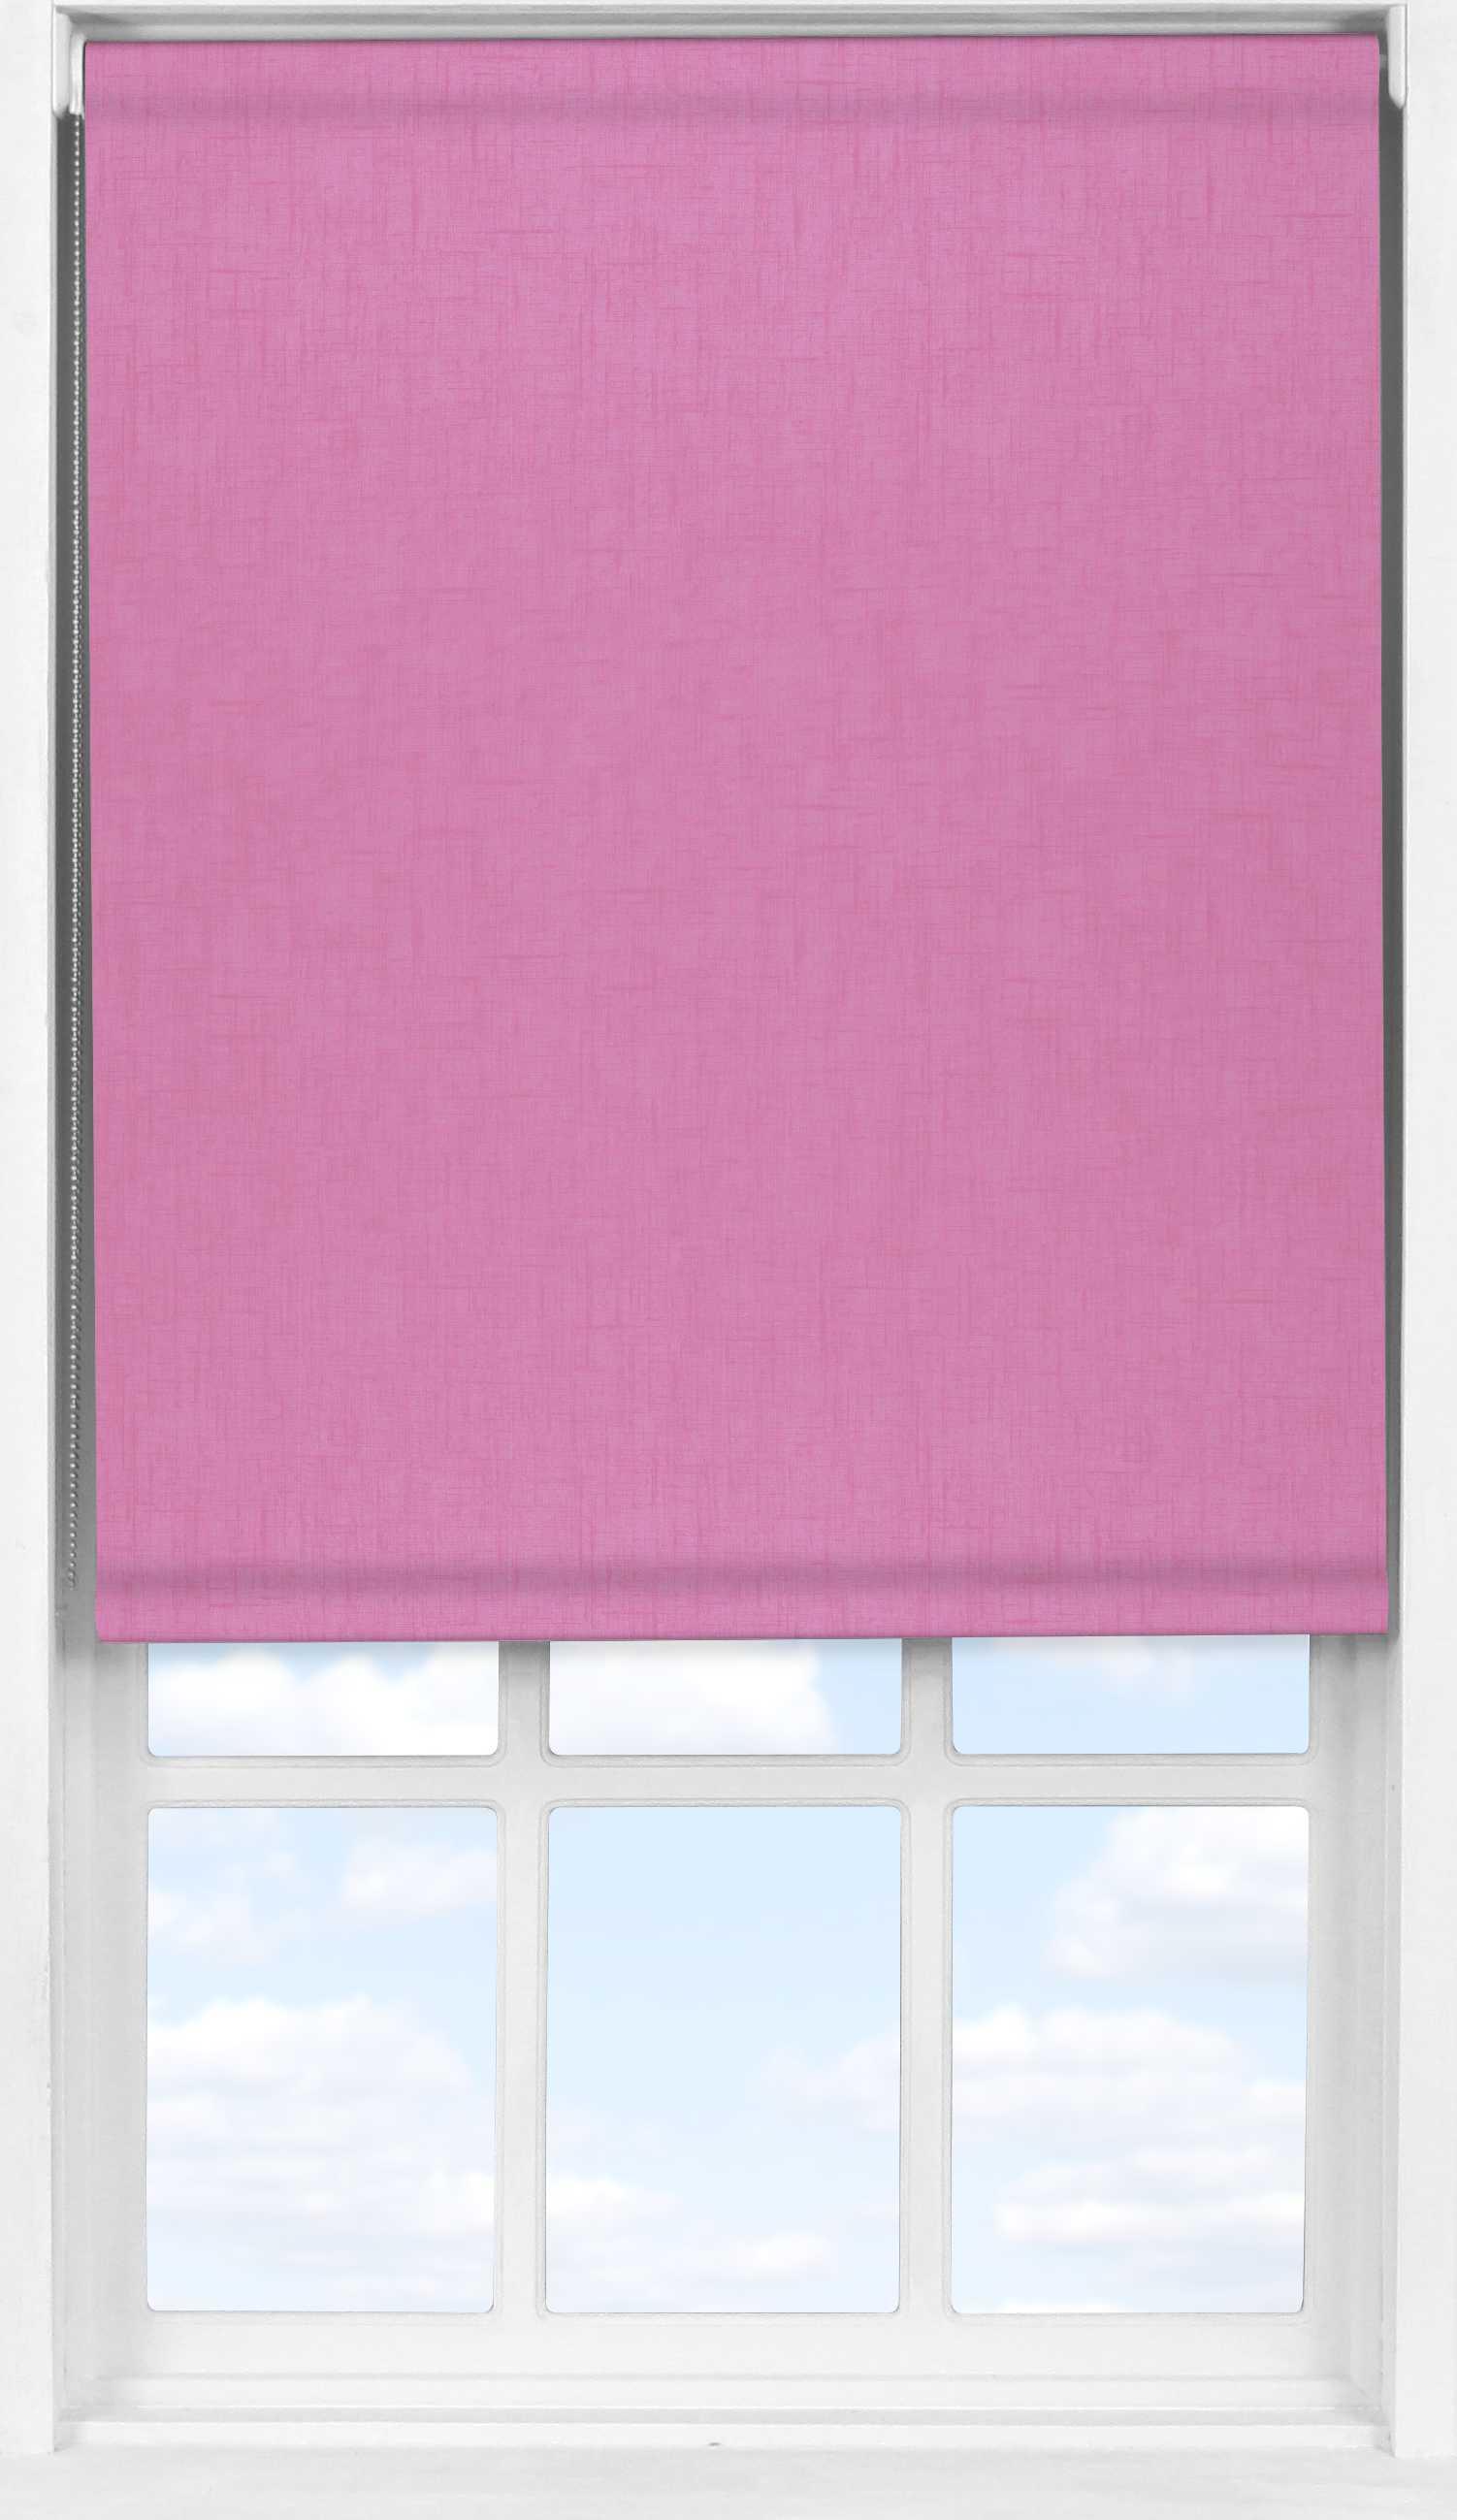 Easifit Roller Blind in Spectrum Prim Pink Blackout